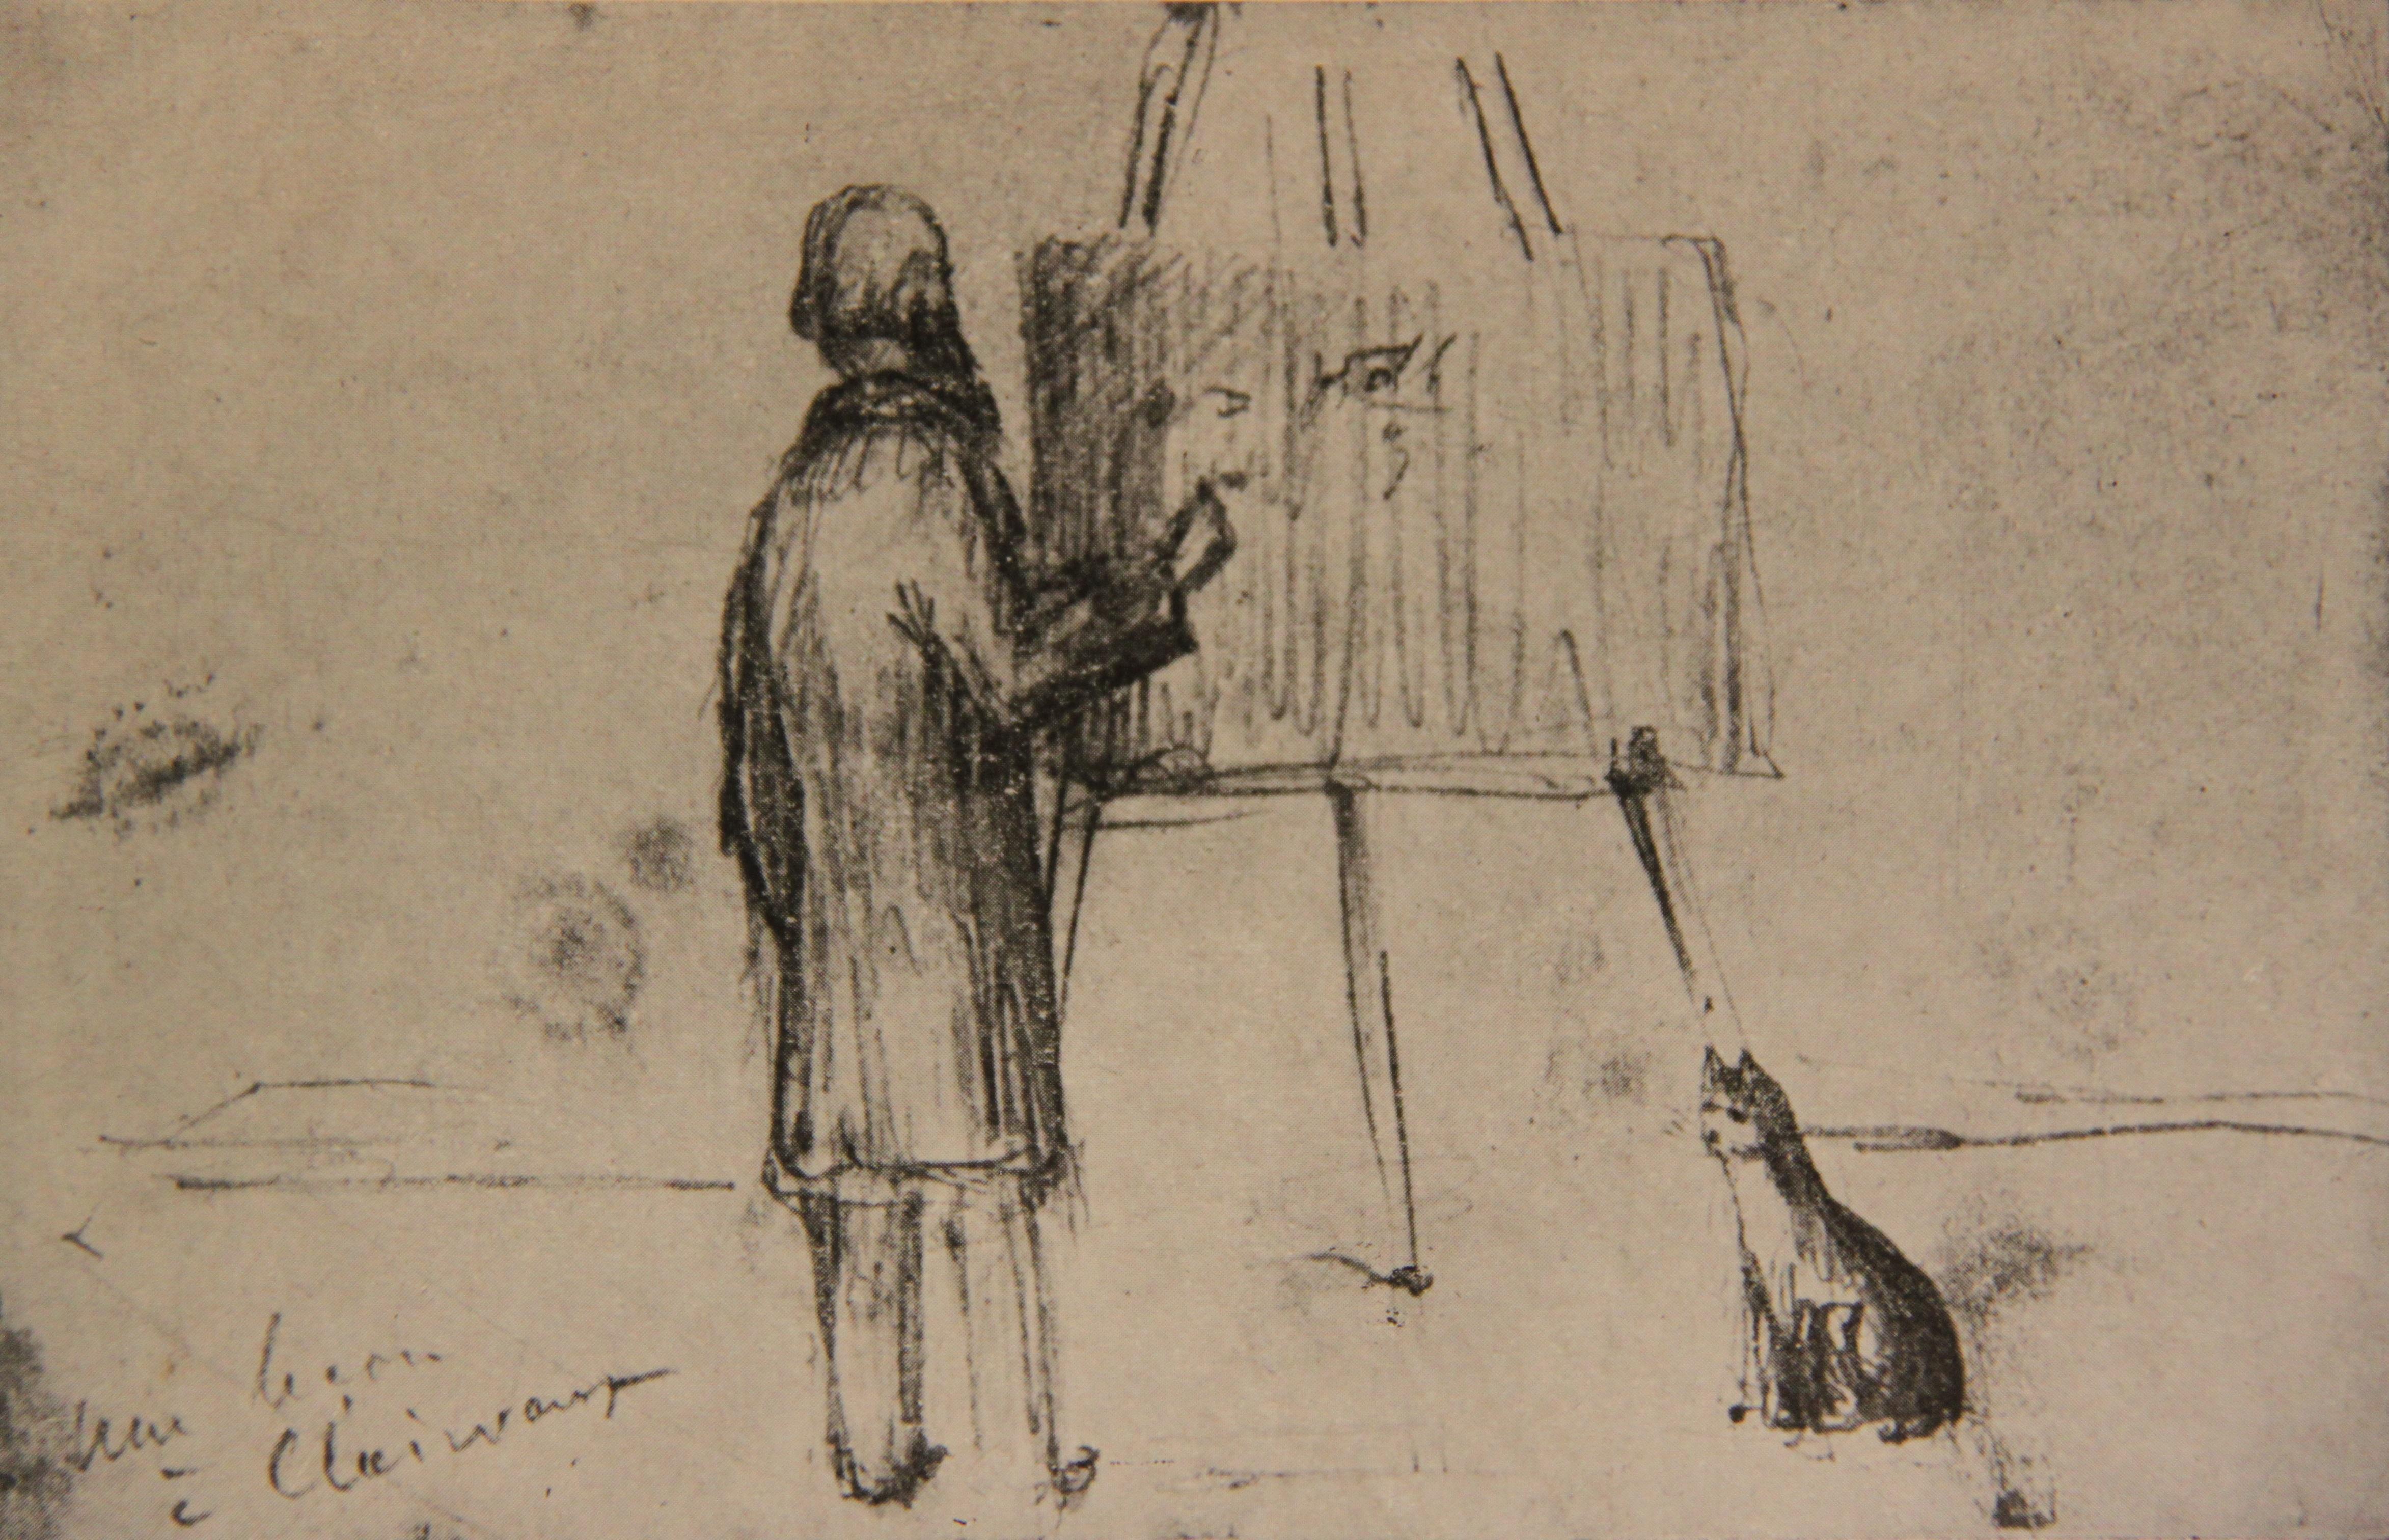 П.А.Кропоткин дает урок своим товарищам рабочим в тюрьме Клерво, рисунок П.А.Кропоткина